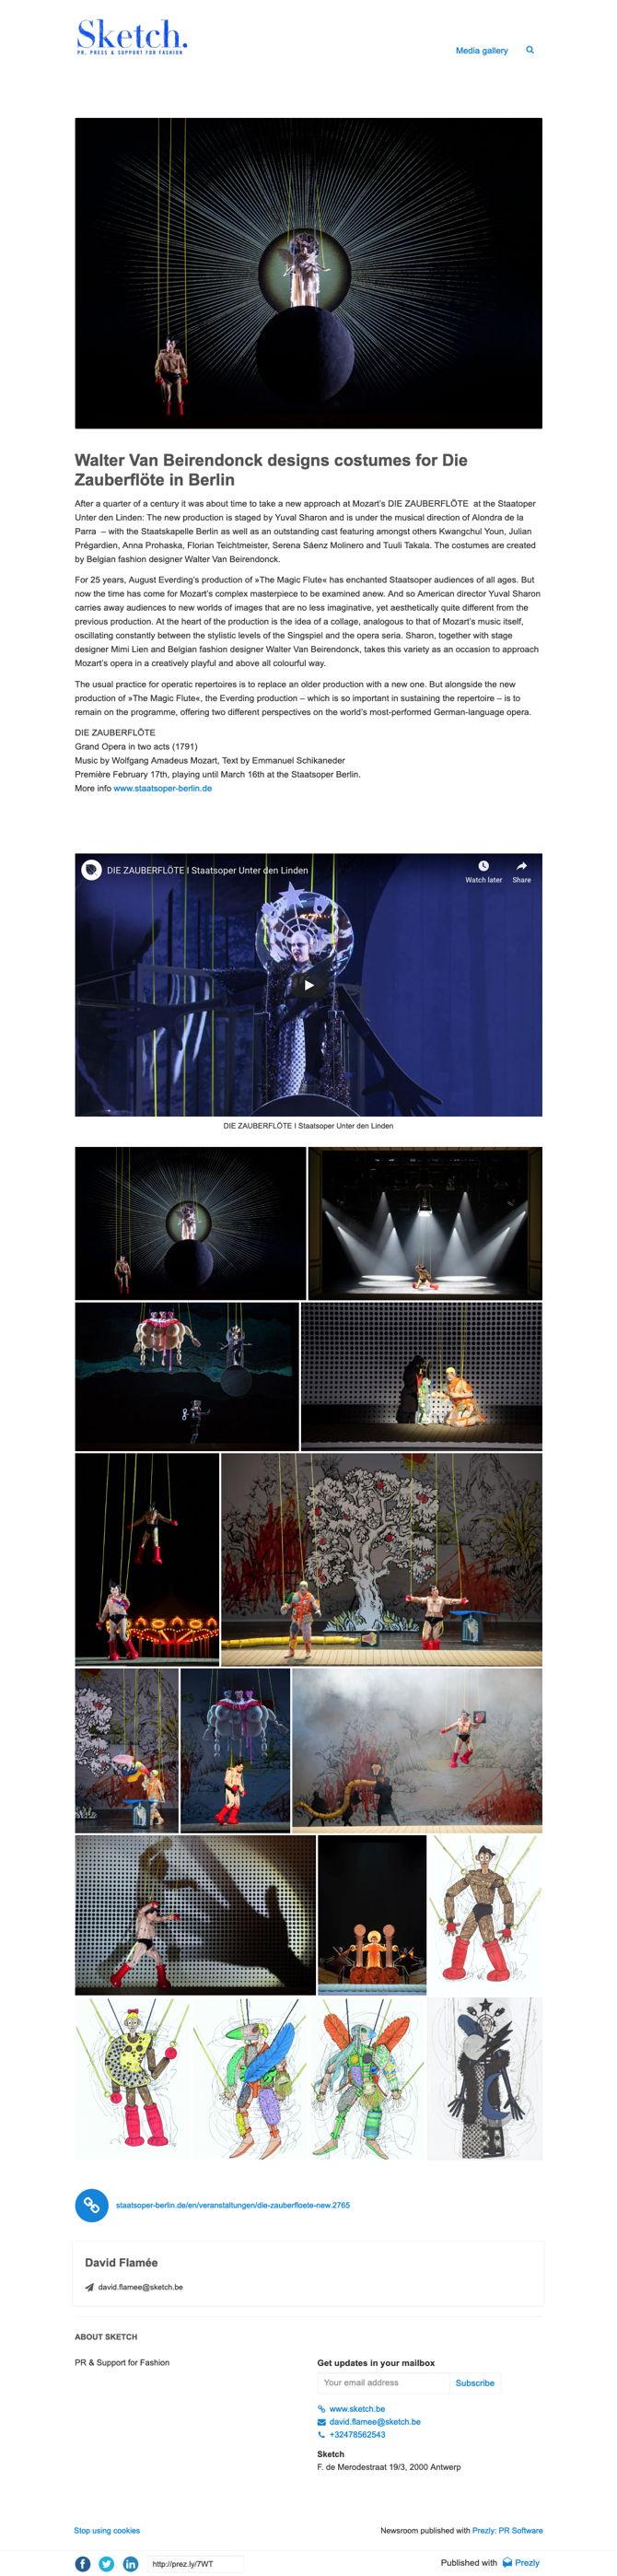 Walter Van Beirendonck designs costumes for Die Zauberflöte in Berlin